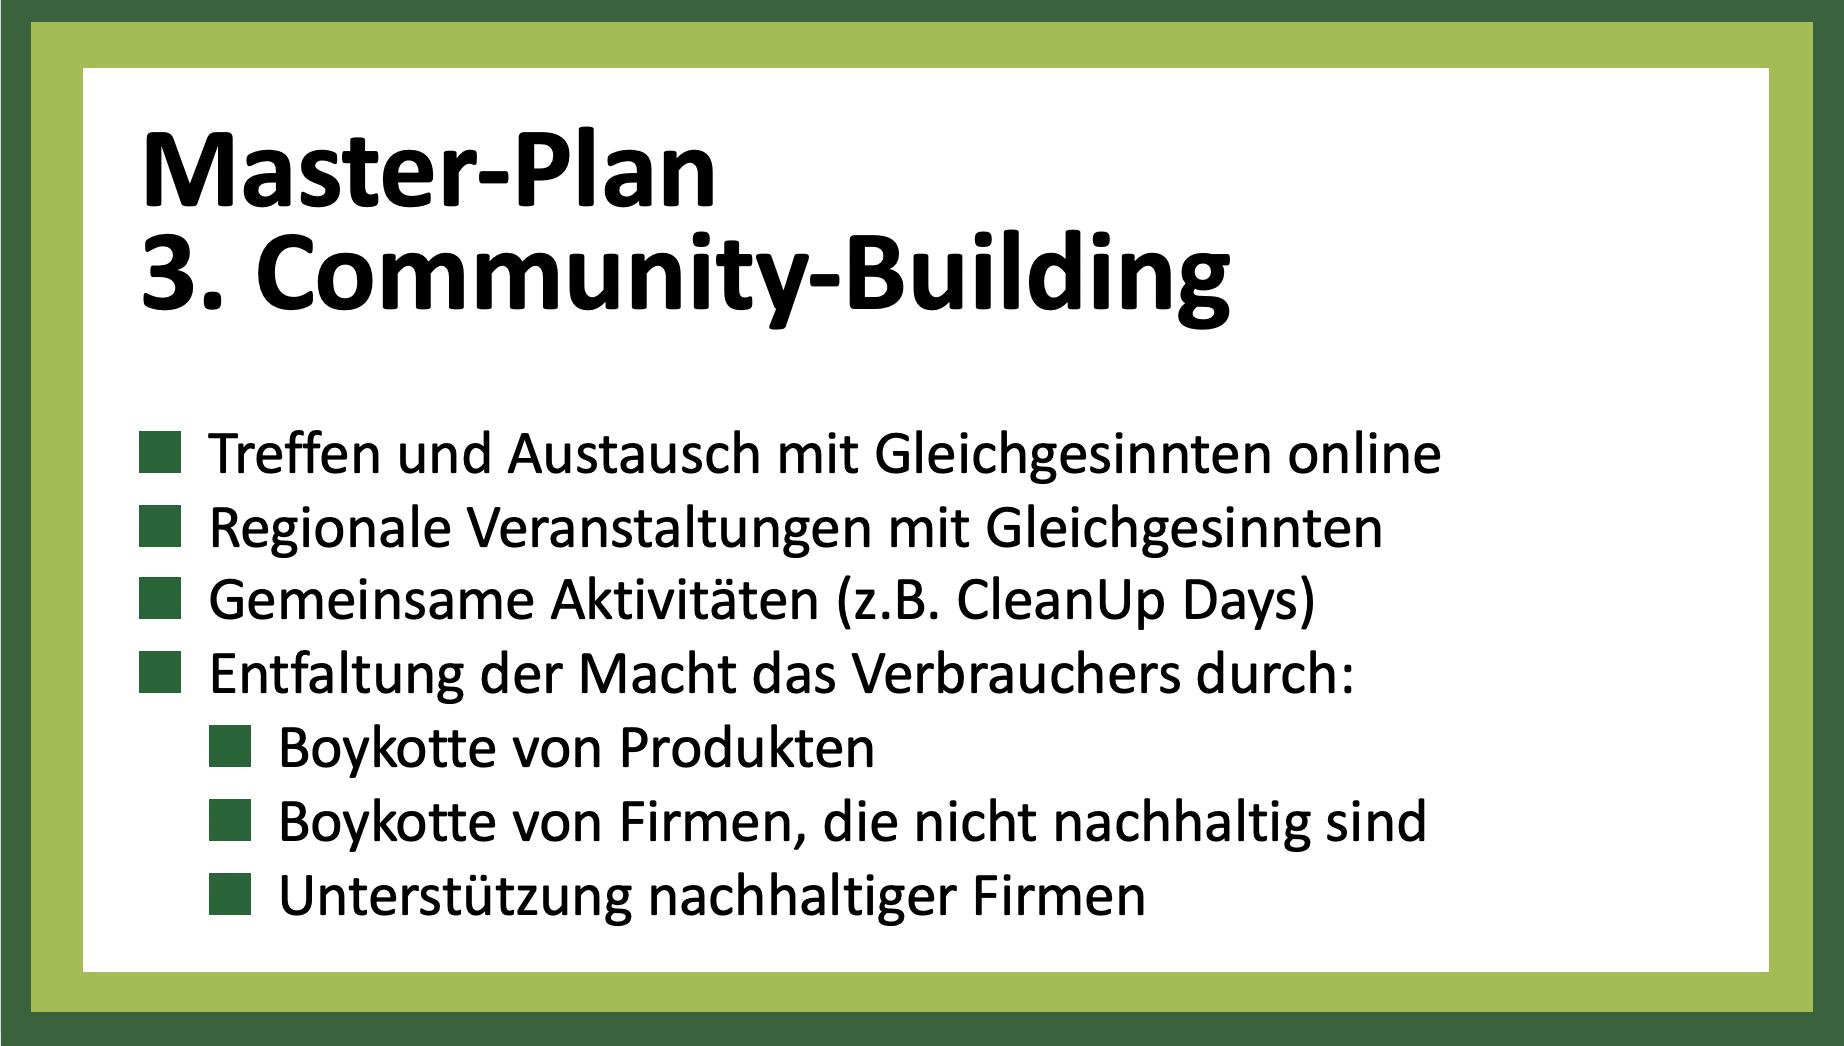 Master-Plan 3